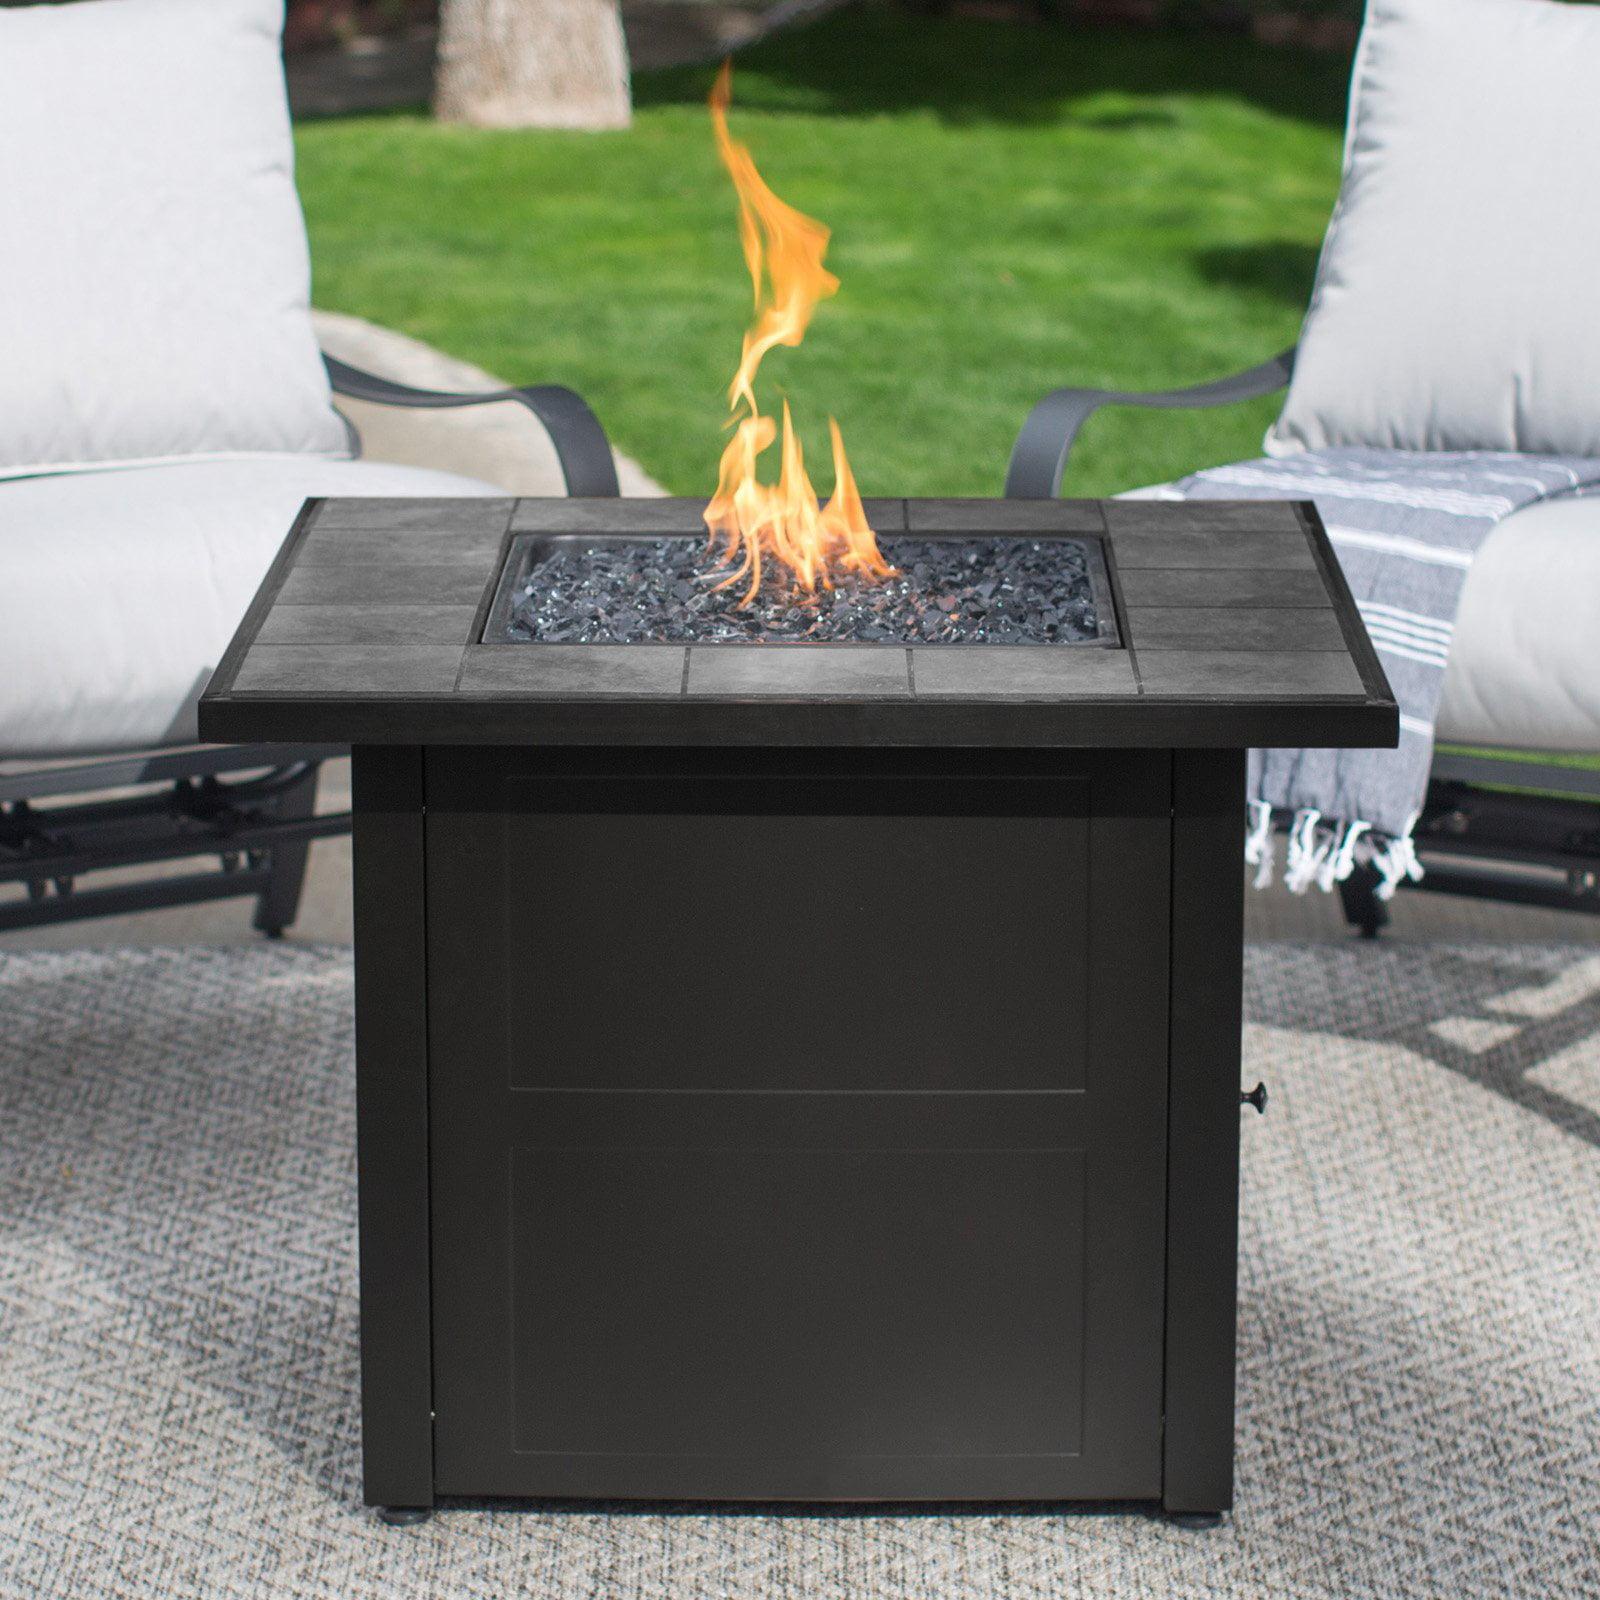 UniFlame LP Gas Ceramic Tile Fire Pit Table